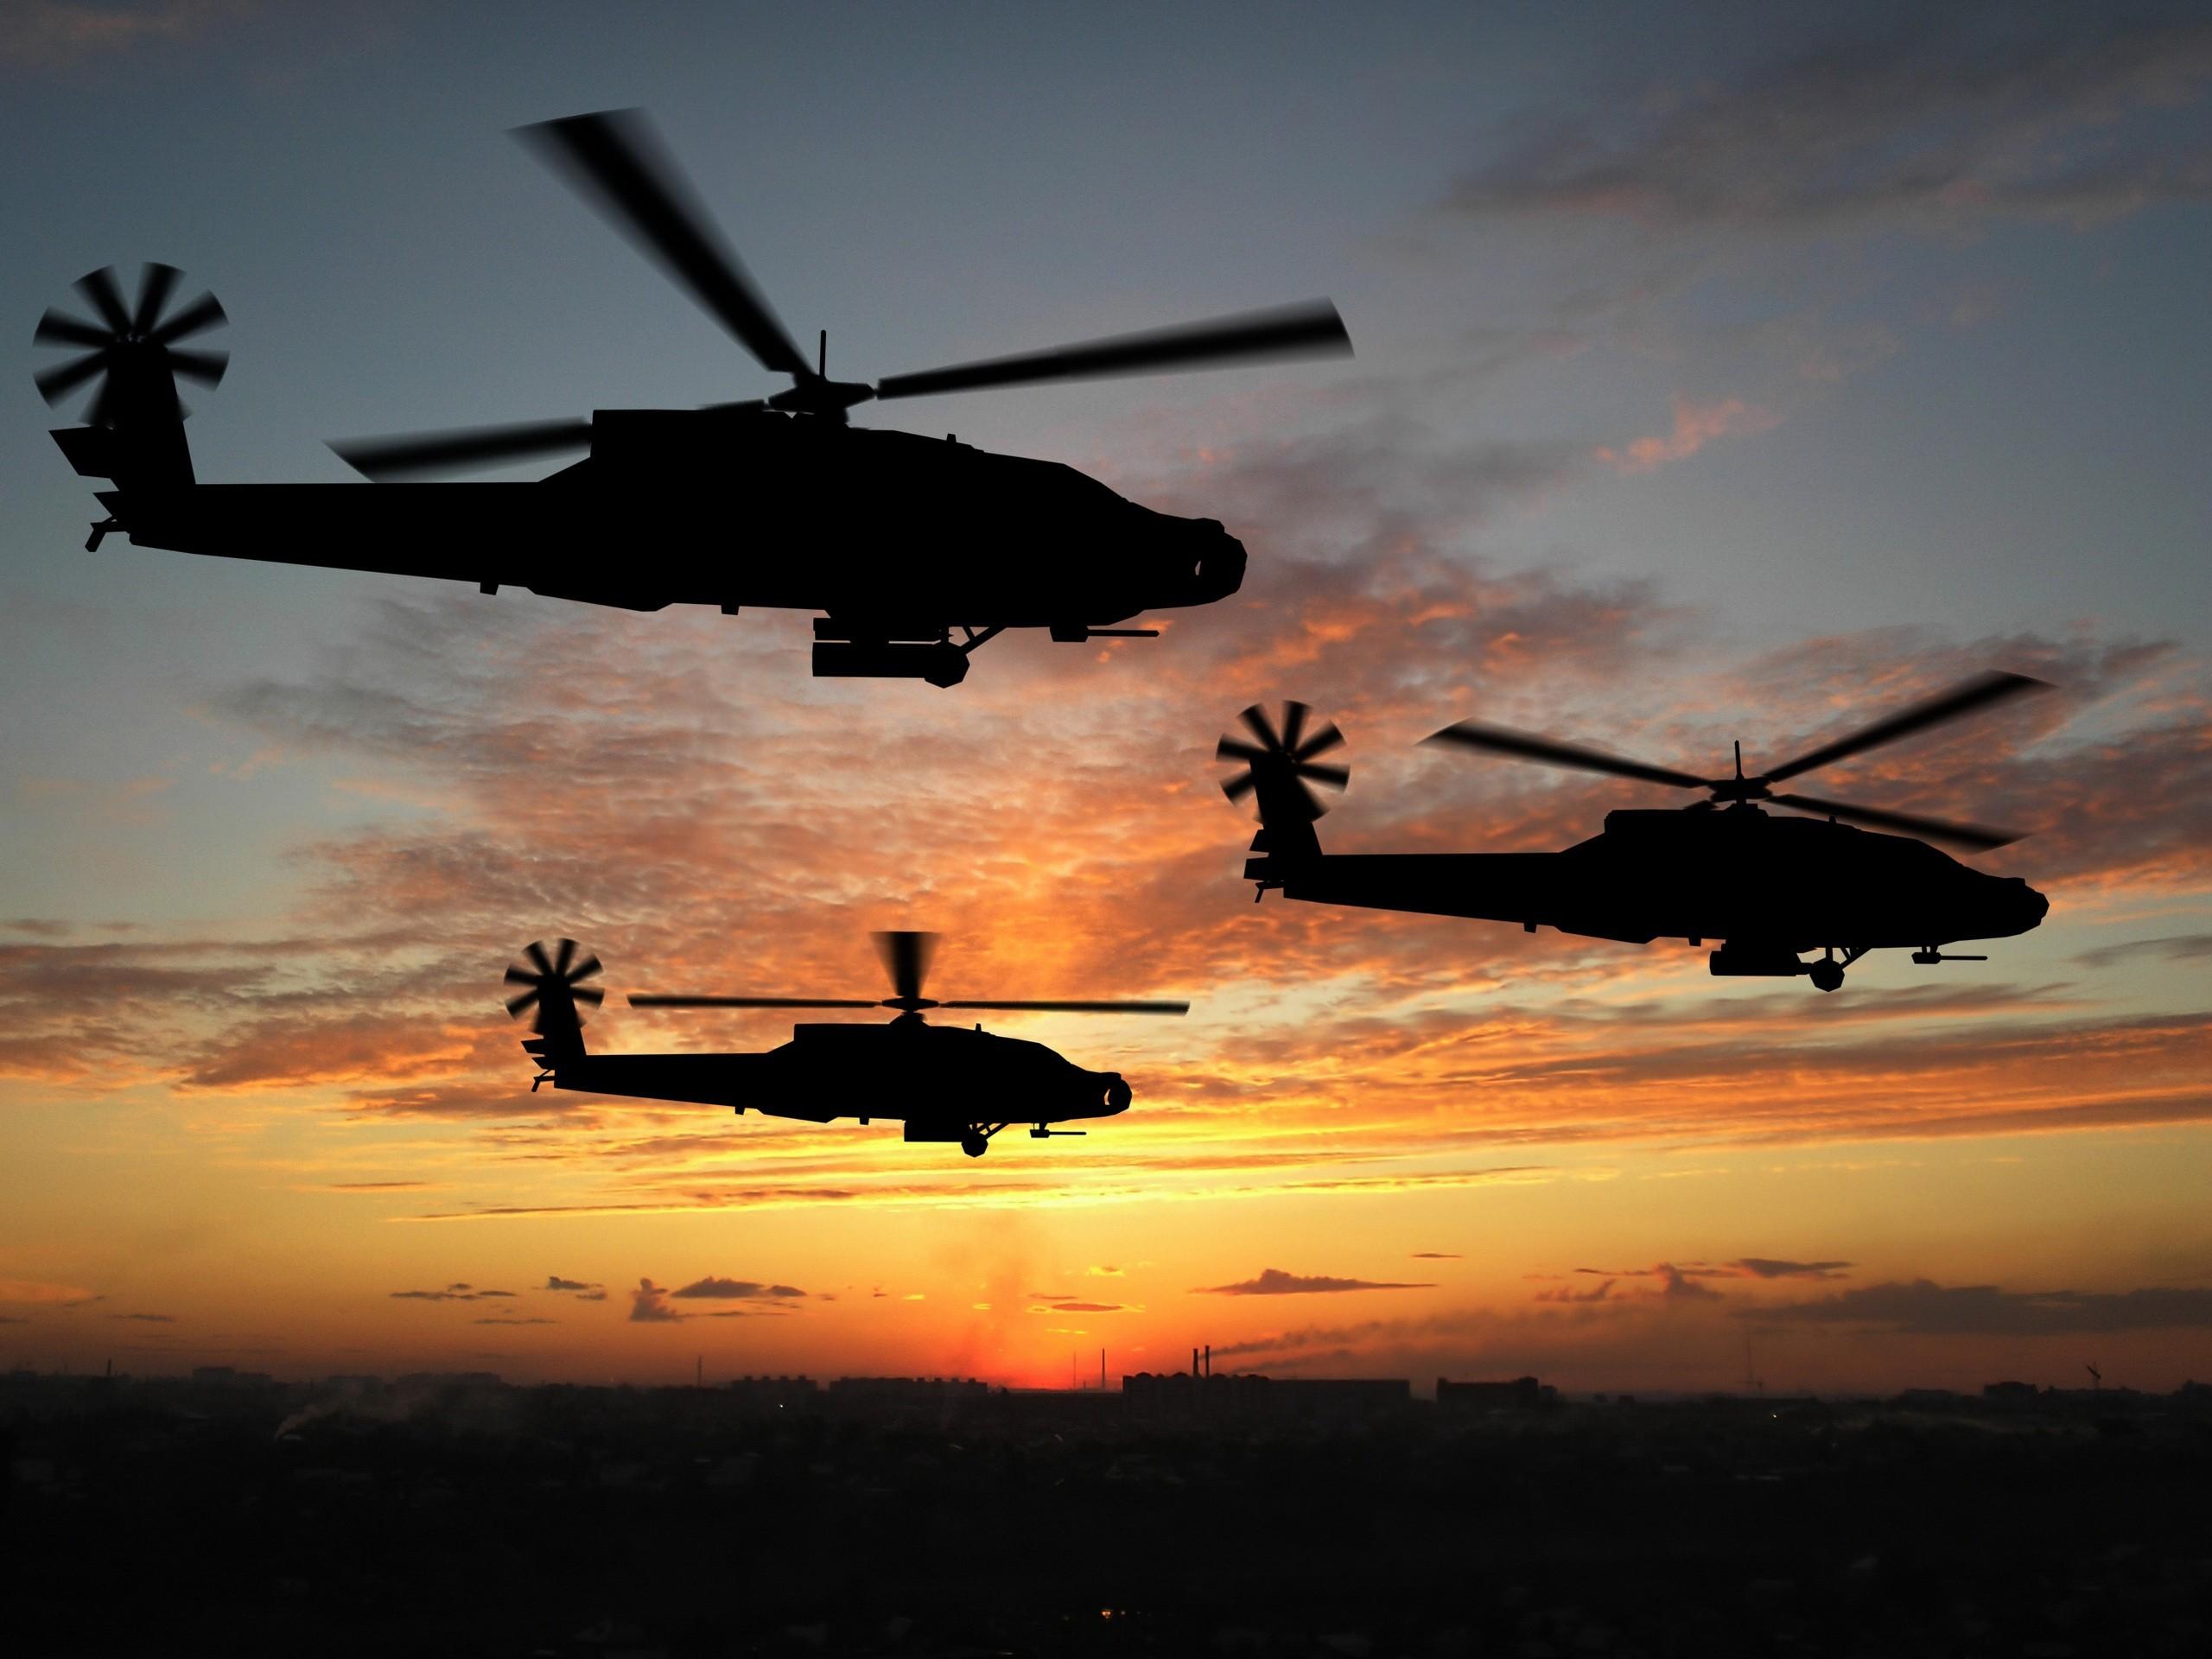 Обои летательные аппараты, картинки, самолеты, обои, вертолеты. Авиация foto 13